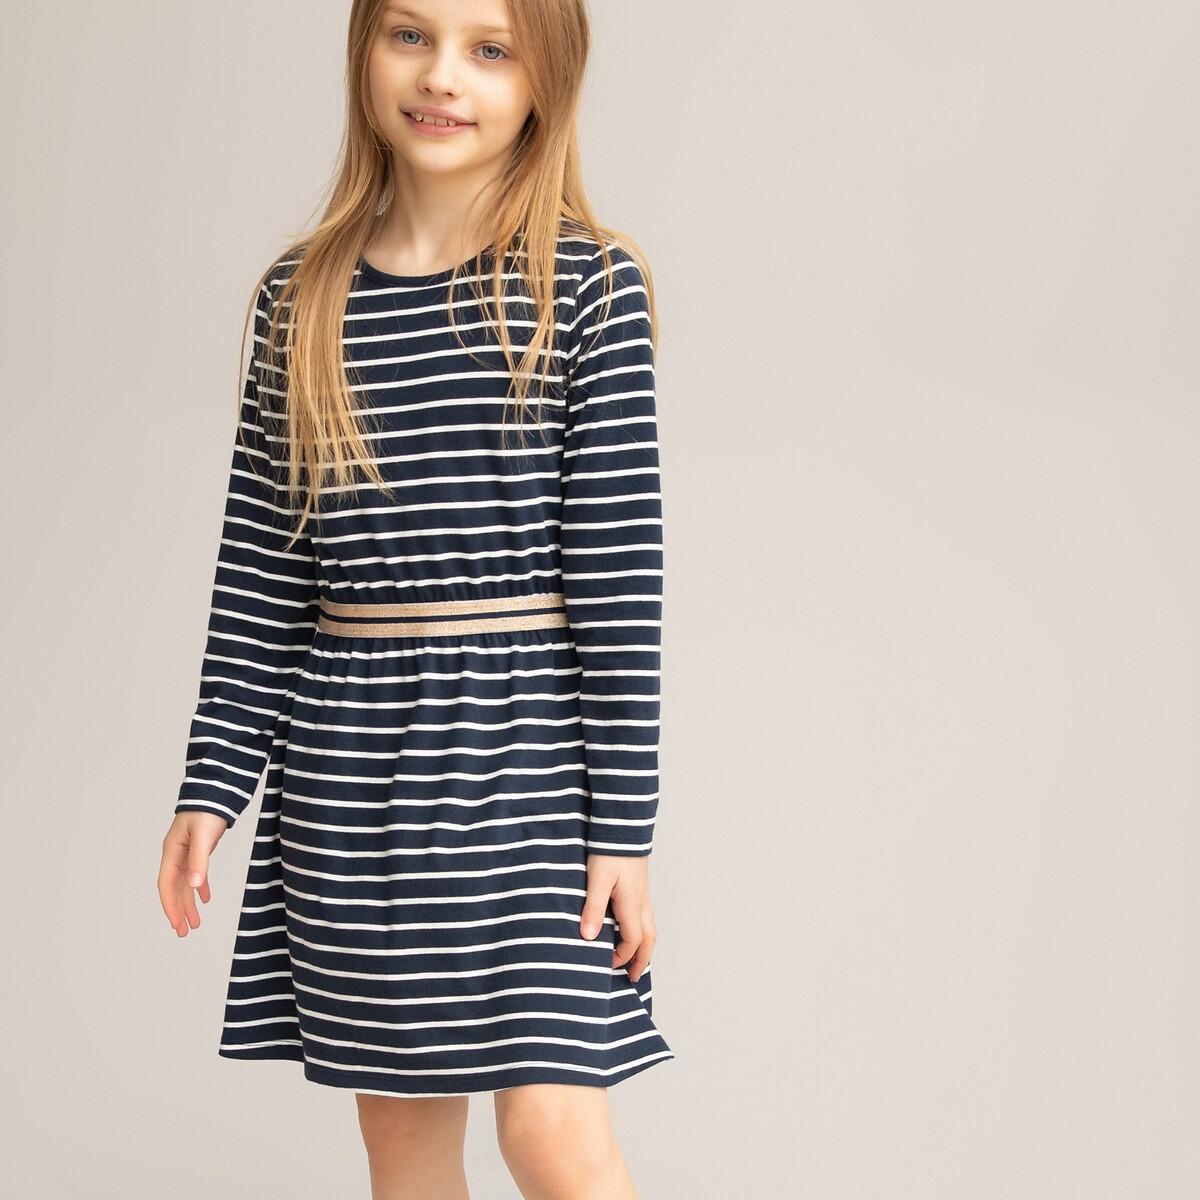 Фото - Платье LaRedoute В полоску с длинными рукавами 3-12 лет 8 лет - 126 см синий рубашка laredoute джинсовая 3 12 лет 8 лет 126 см синий